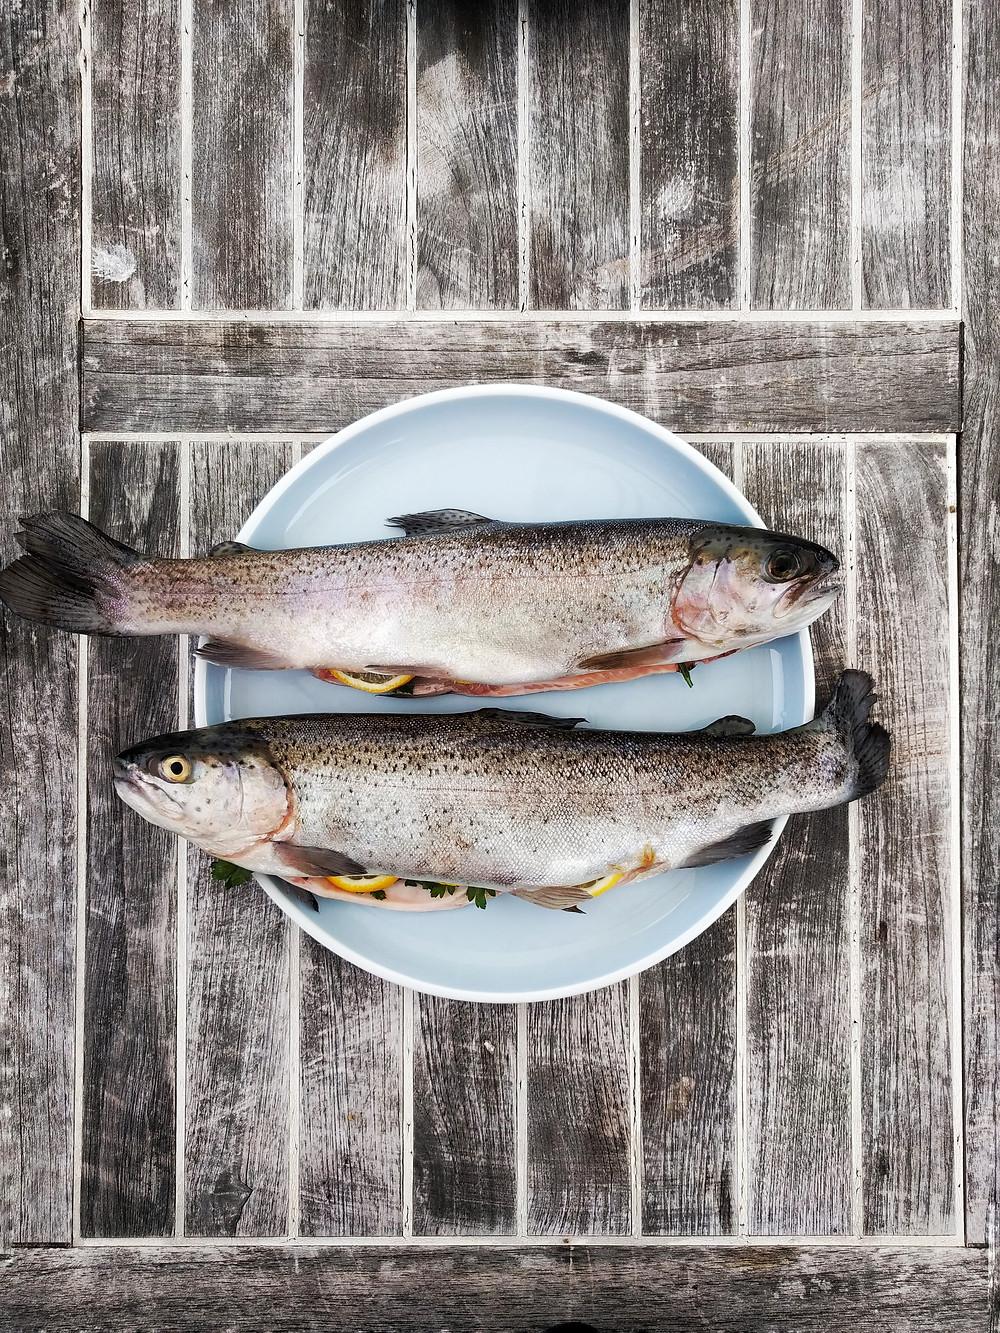 Hoe herken je een verse vis?